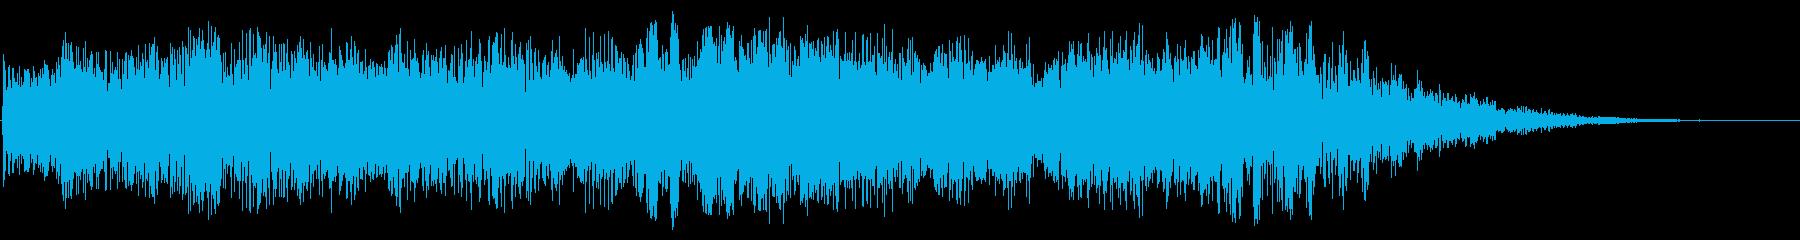 神秘的な宇宙空間を表す音の再生済みの波形